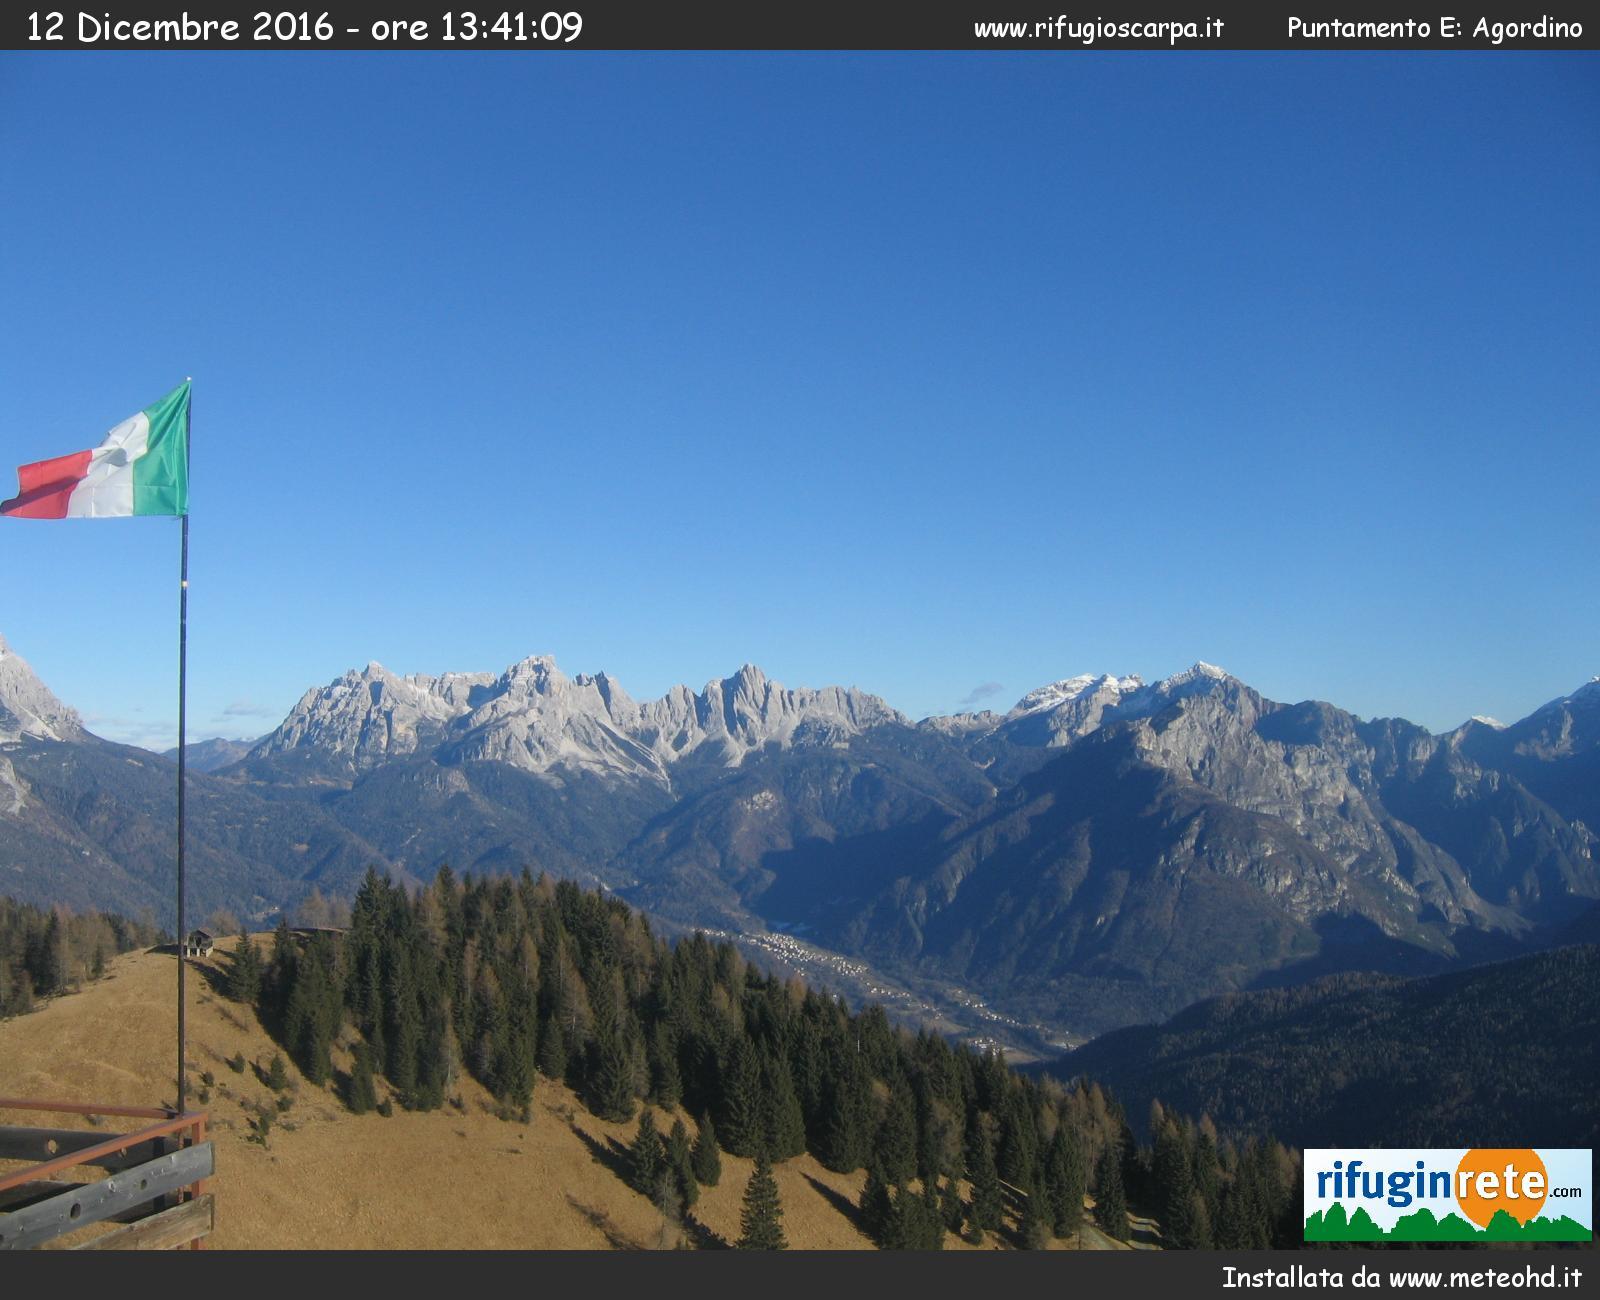 Veneto centro-settentrionale Inverno 2016-17-agordino-12-12-16.jpg